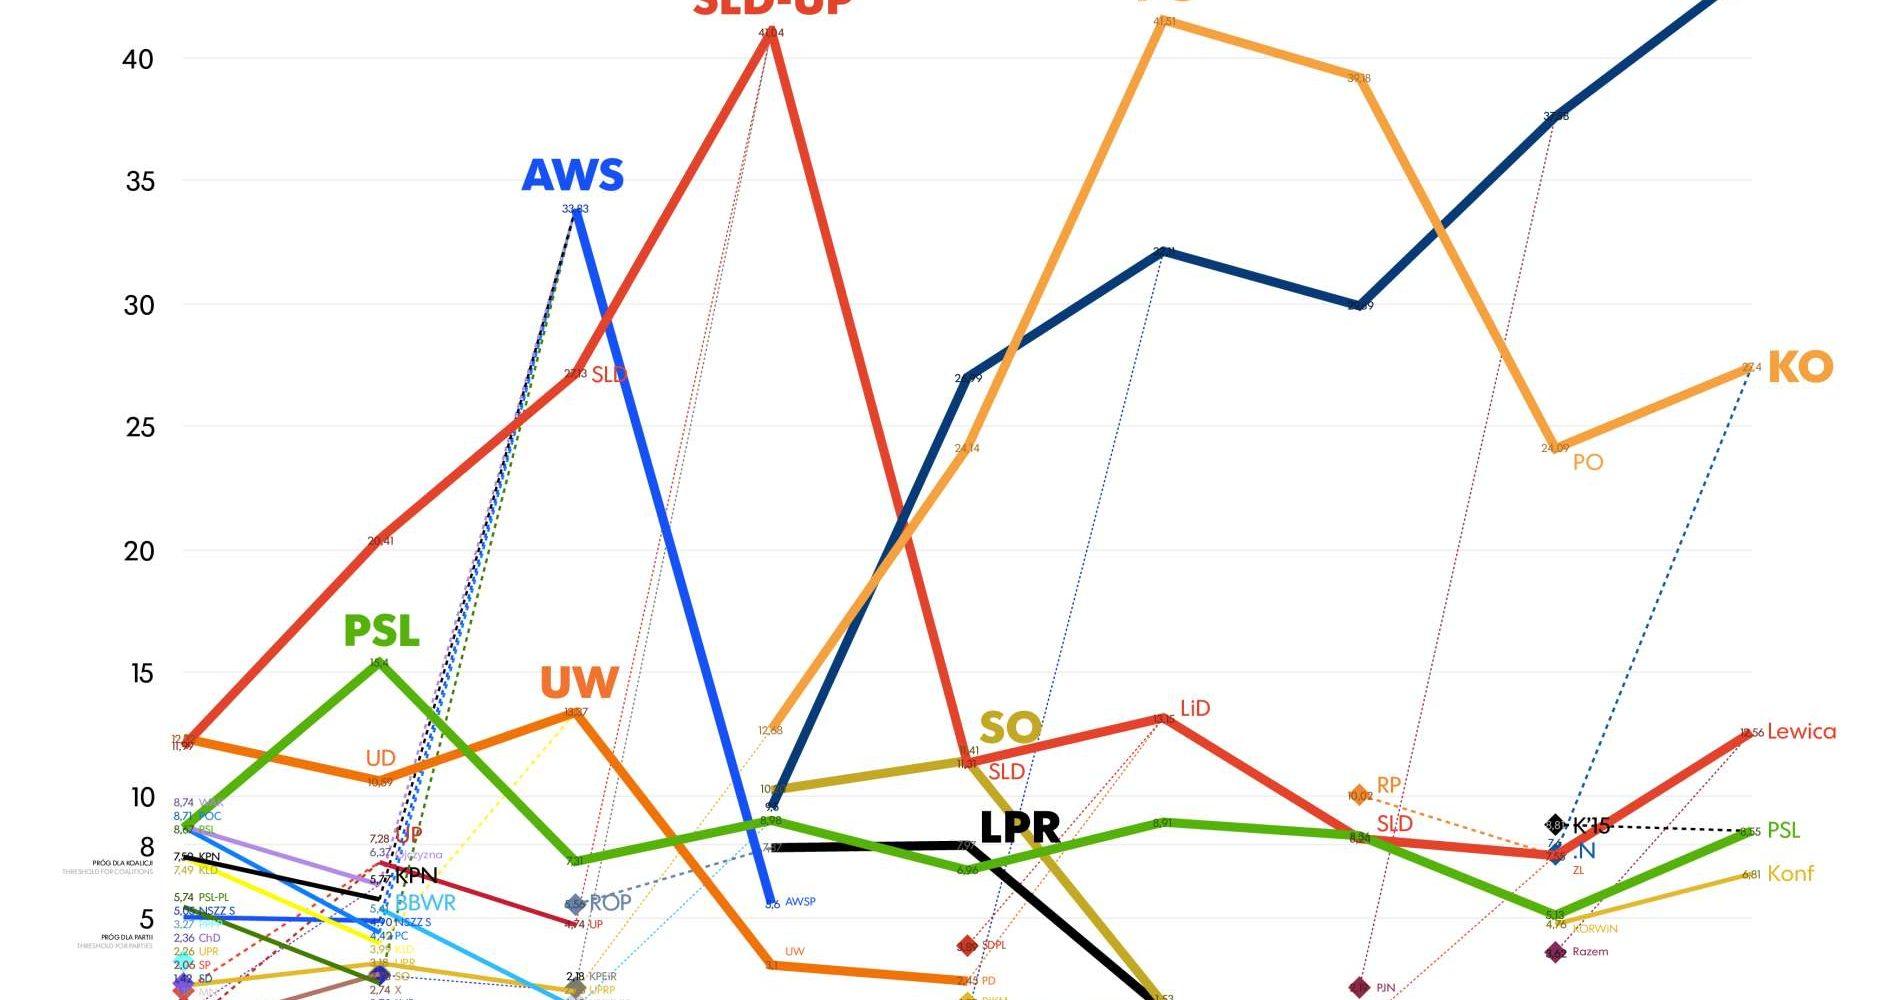 parlamentswahlen-polen